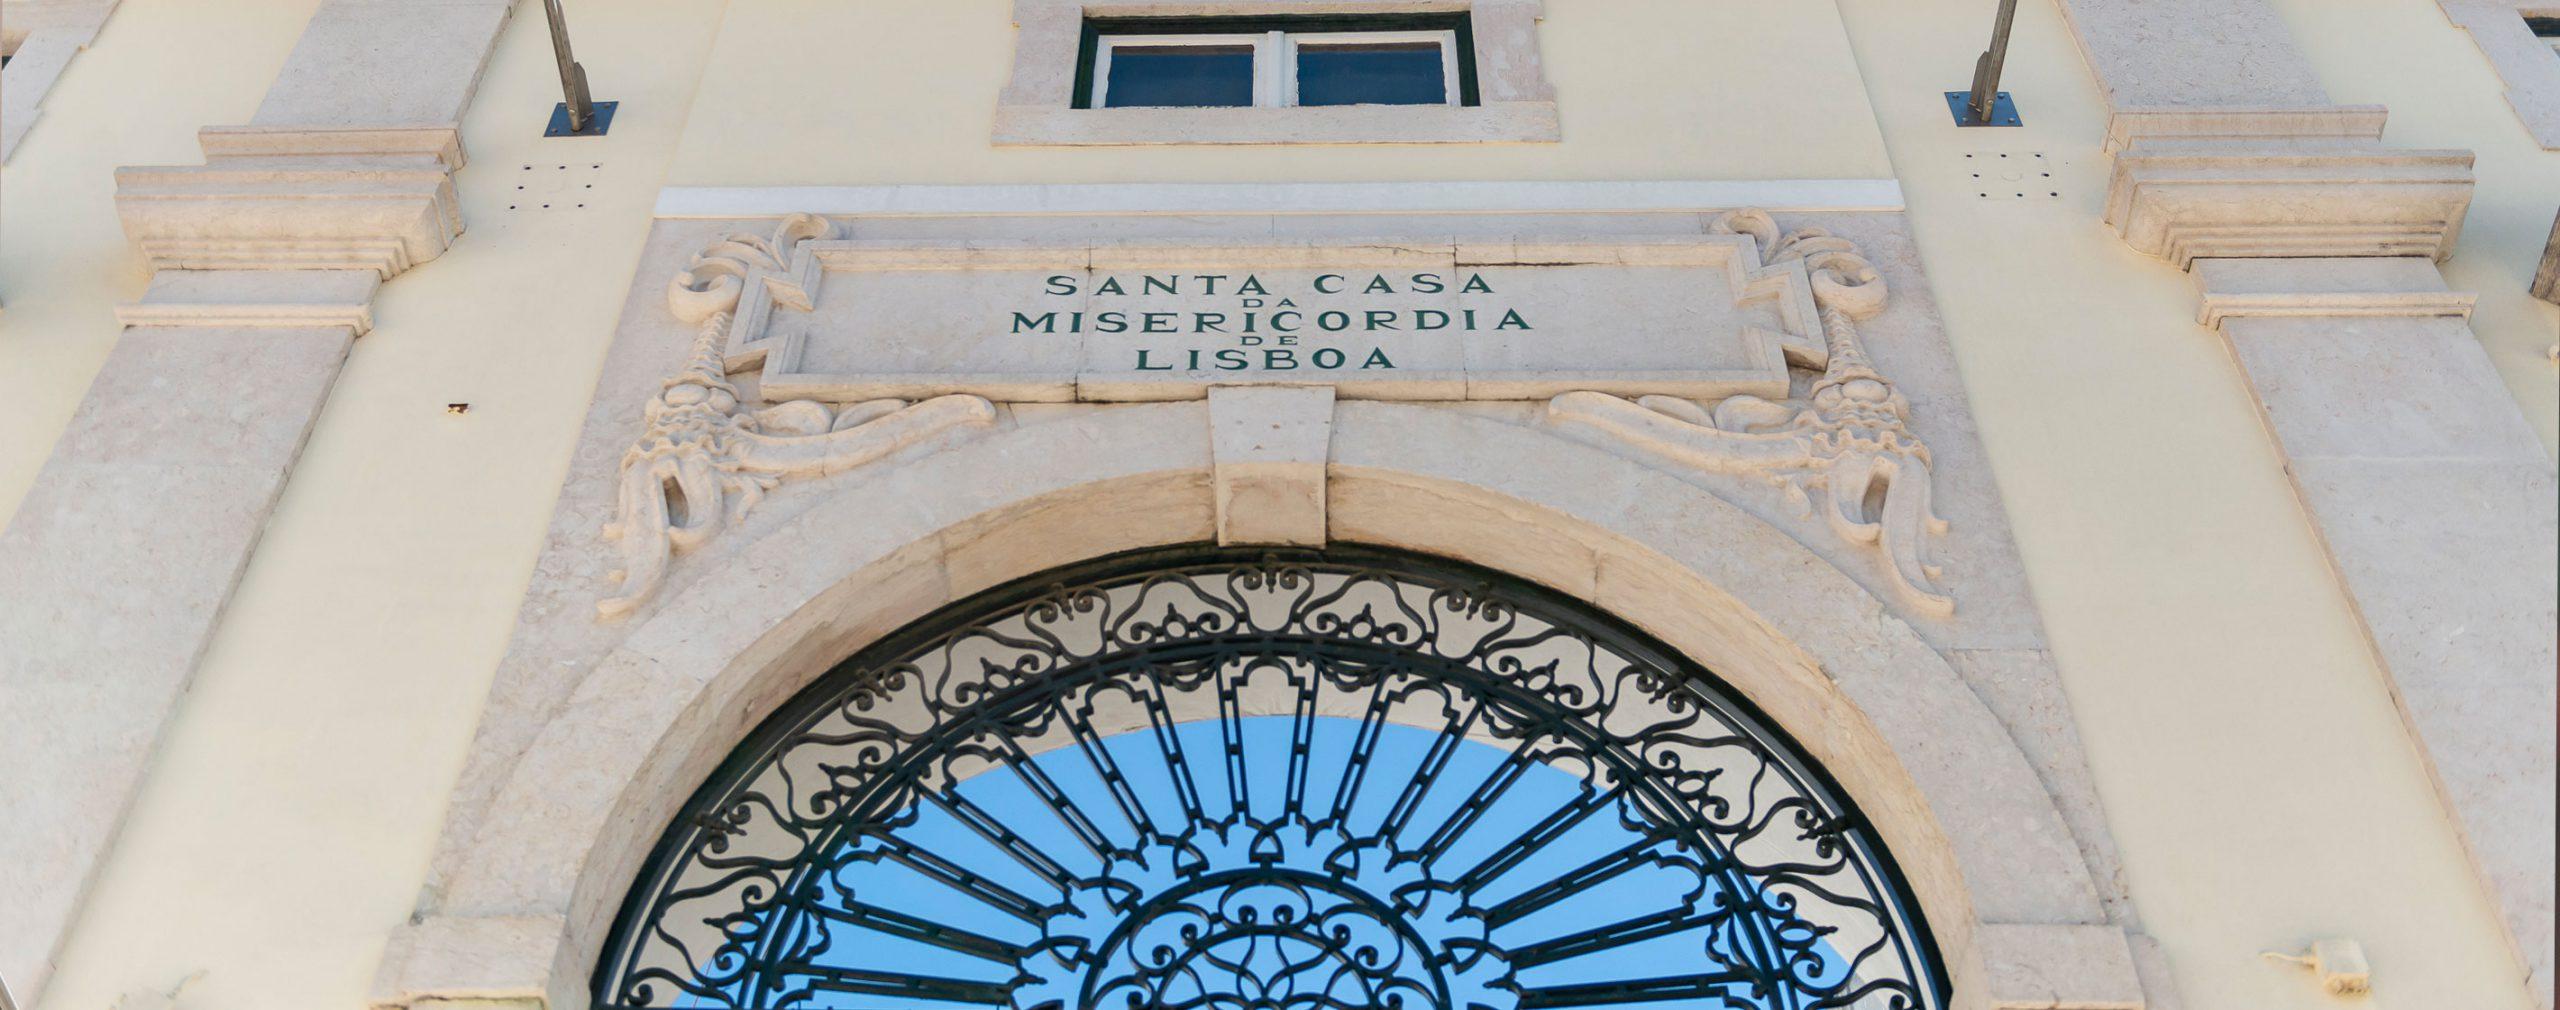 Pormenor da fachada da SCML